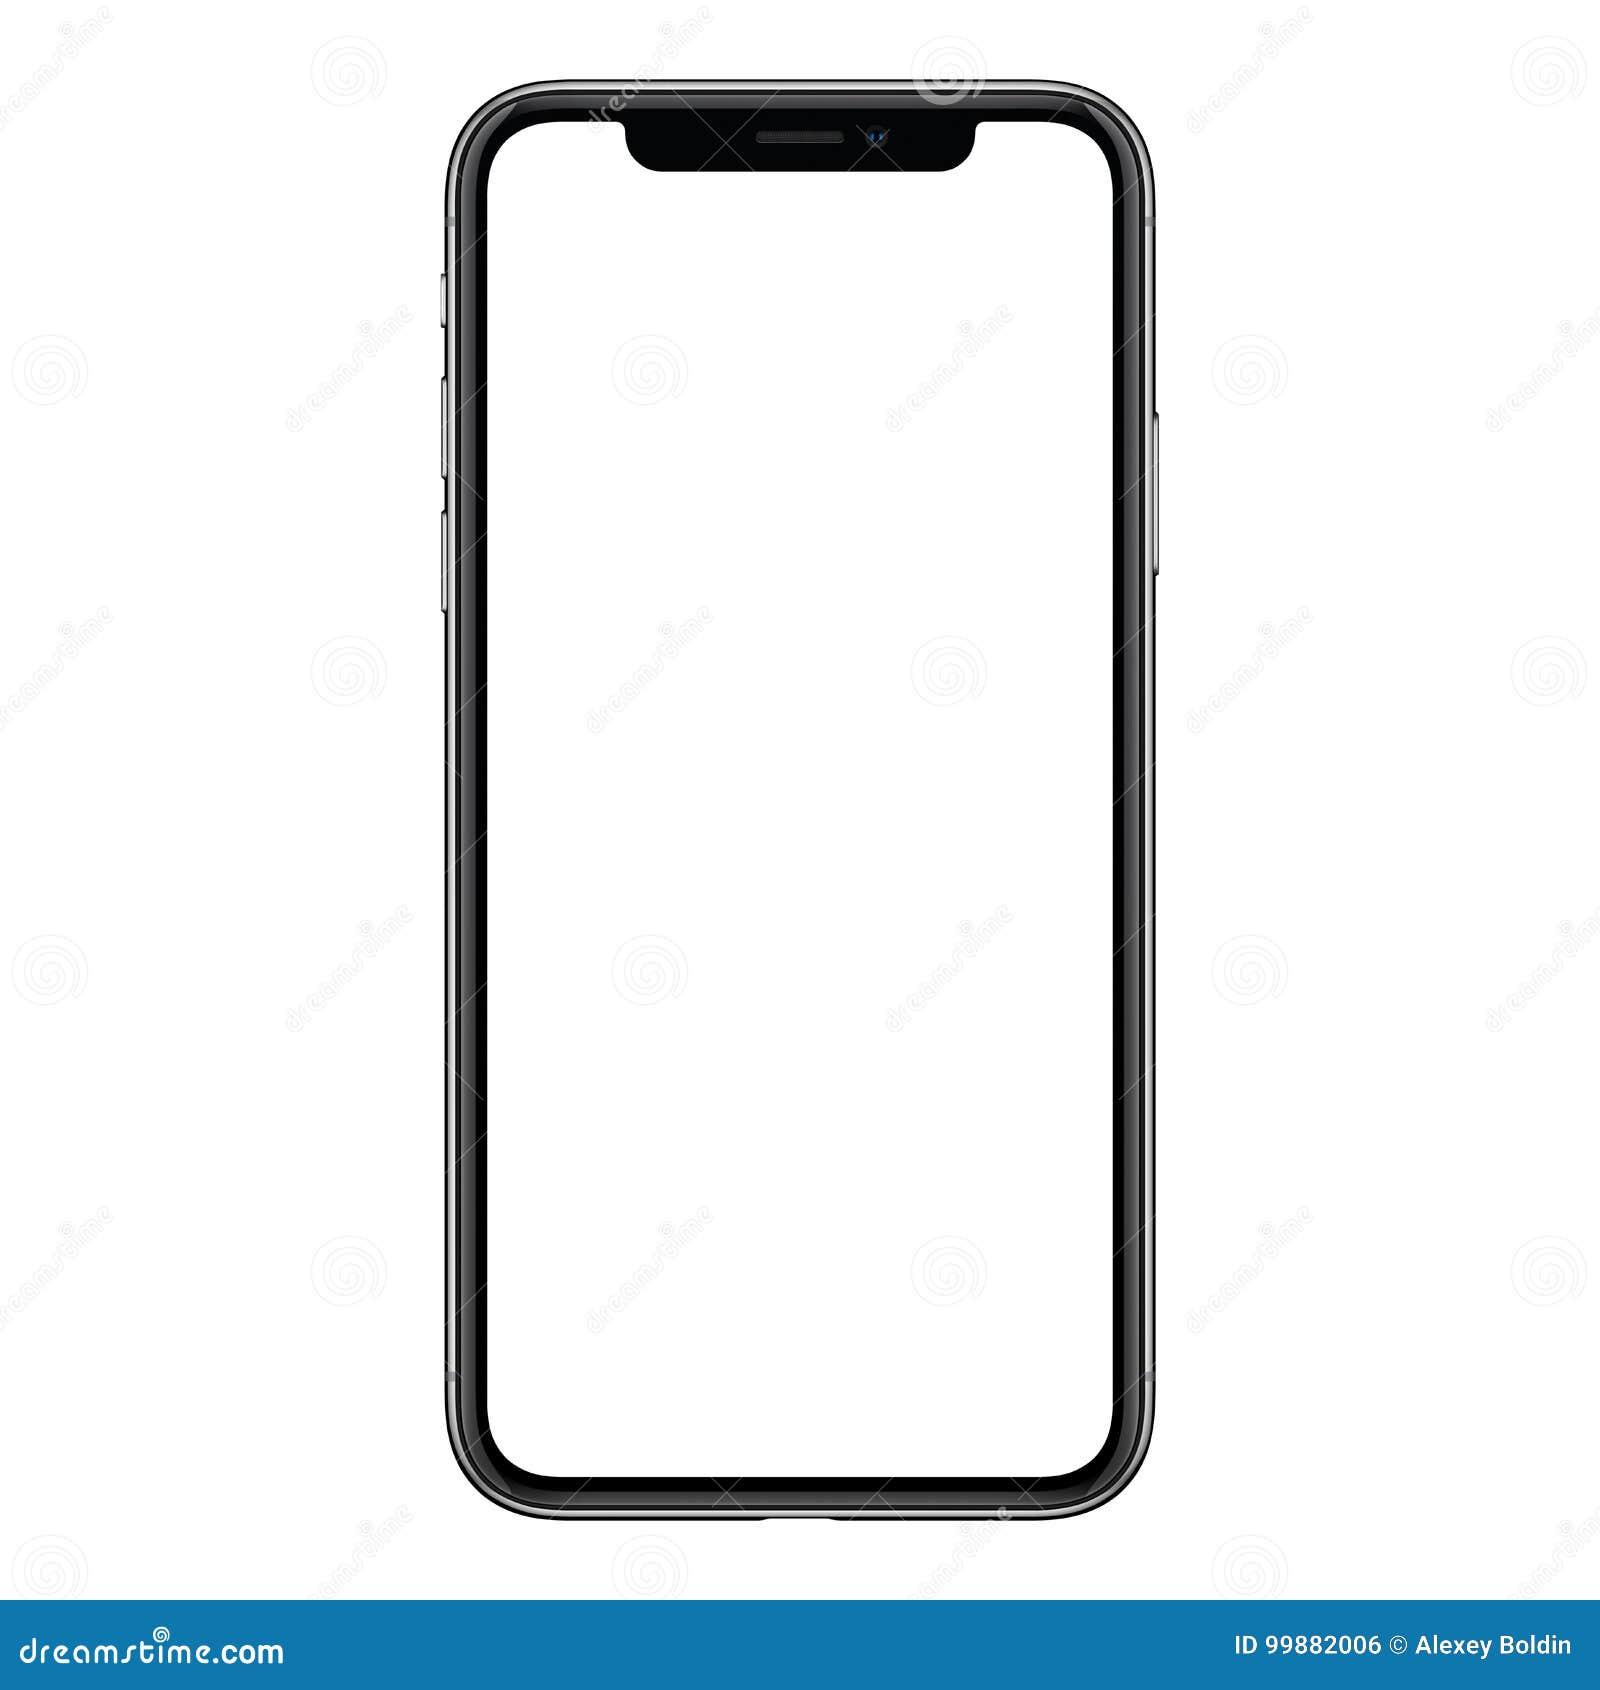 Ny modern frameless smartphonemodell med den vita skärmen som isoleras på vit bakgrund